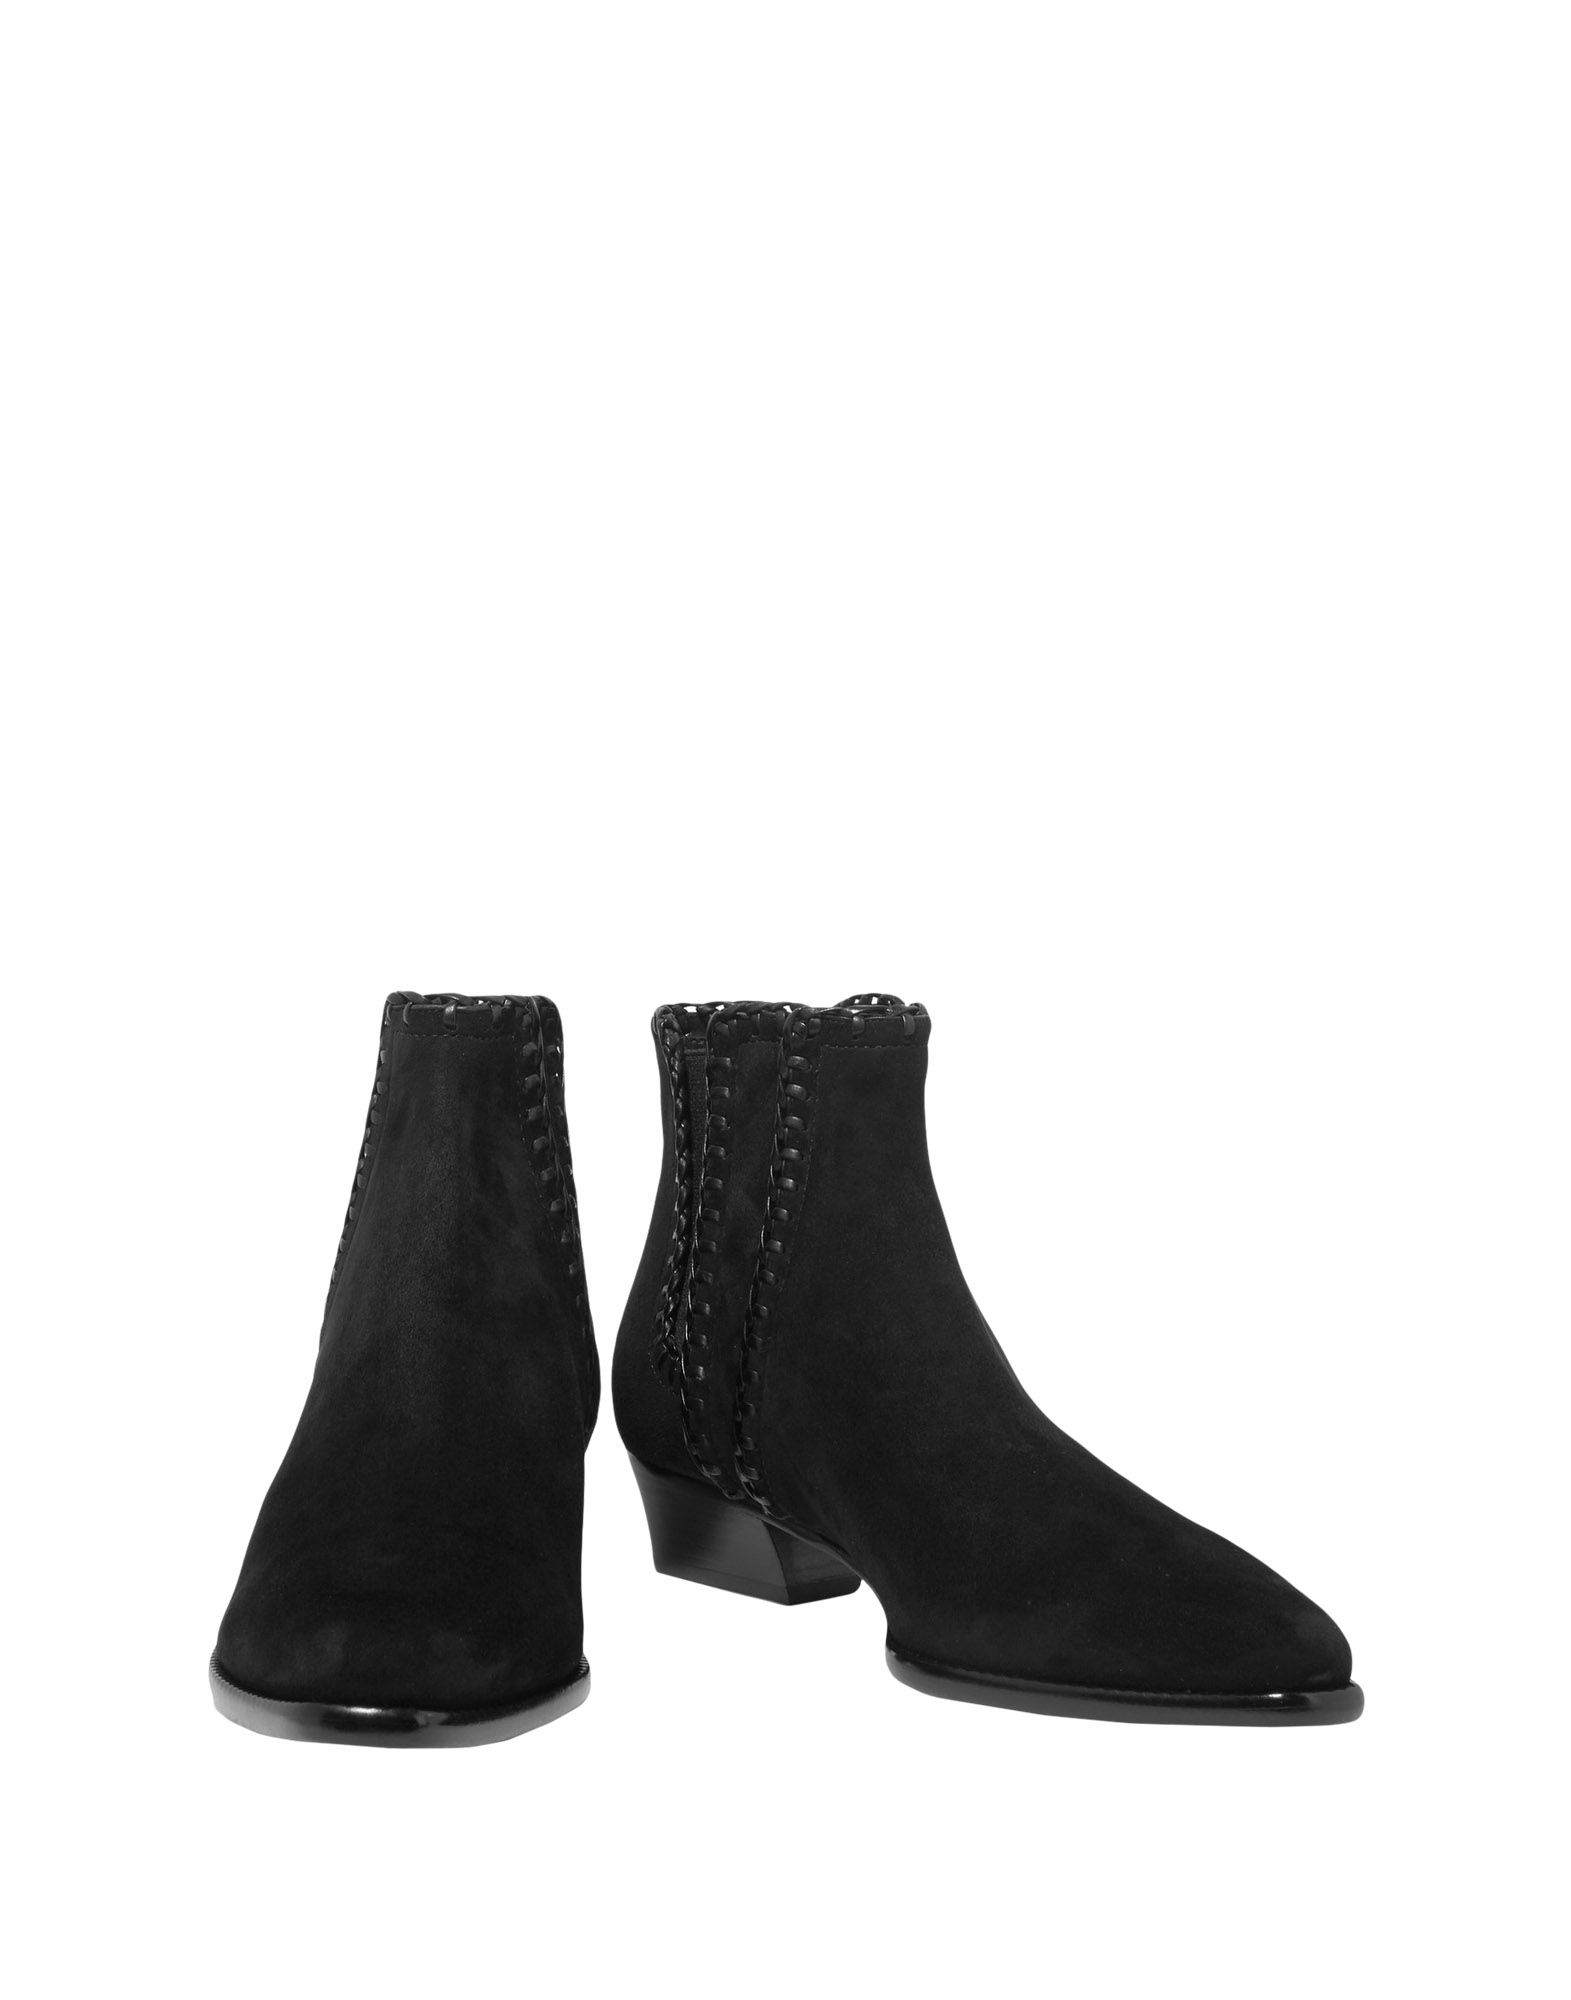 MICHAEL KORS COLLECTION Полусапоги и высокие ботинки ботинки zenden collection zenden collection ze012agvsa81